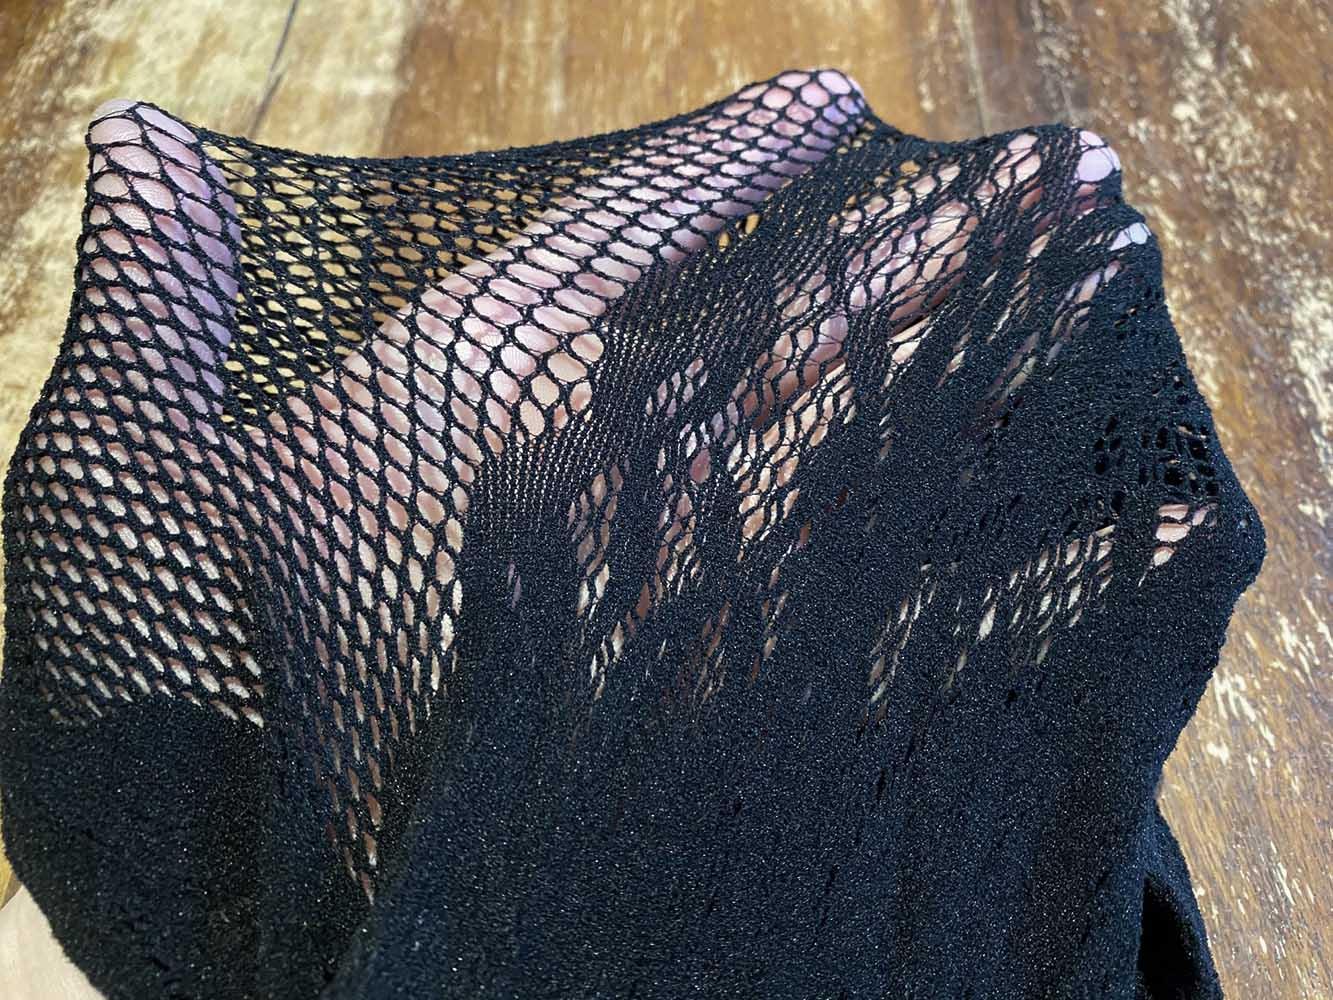 Bequem dank Stretch sind die Fifty Shades of Grey Captivate Spanking-Bodystocking aus Spitze